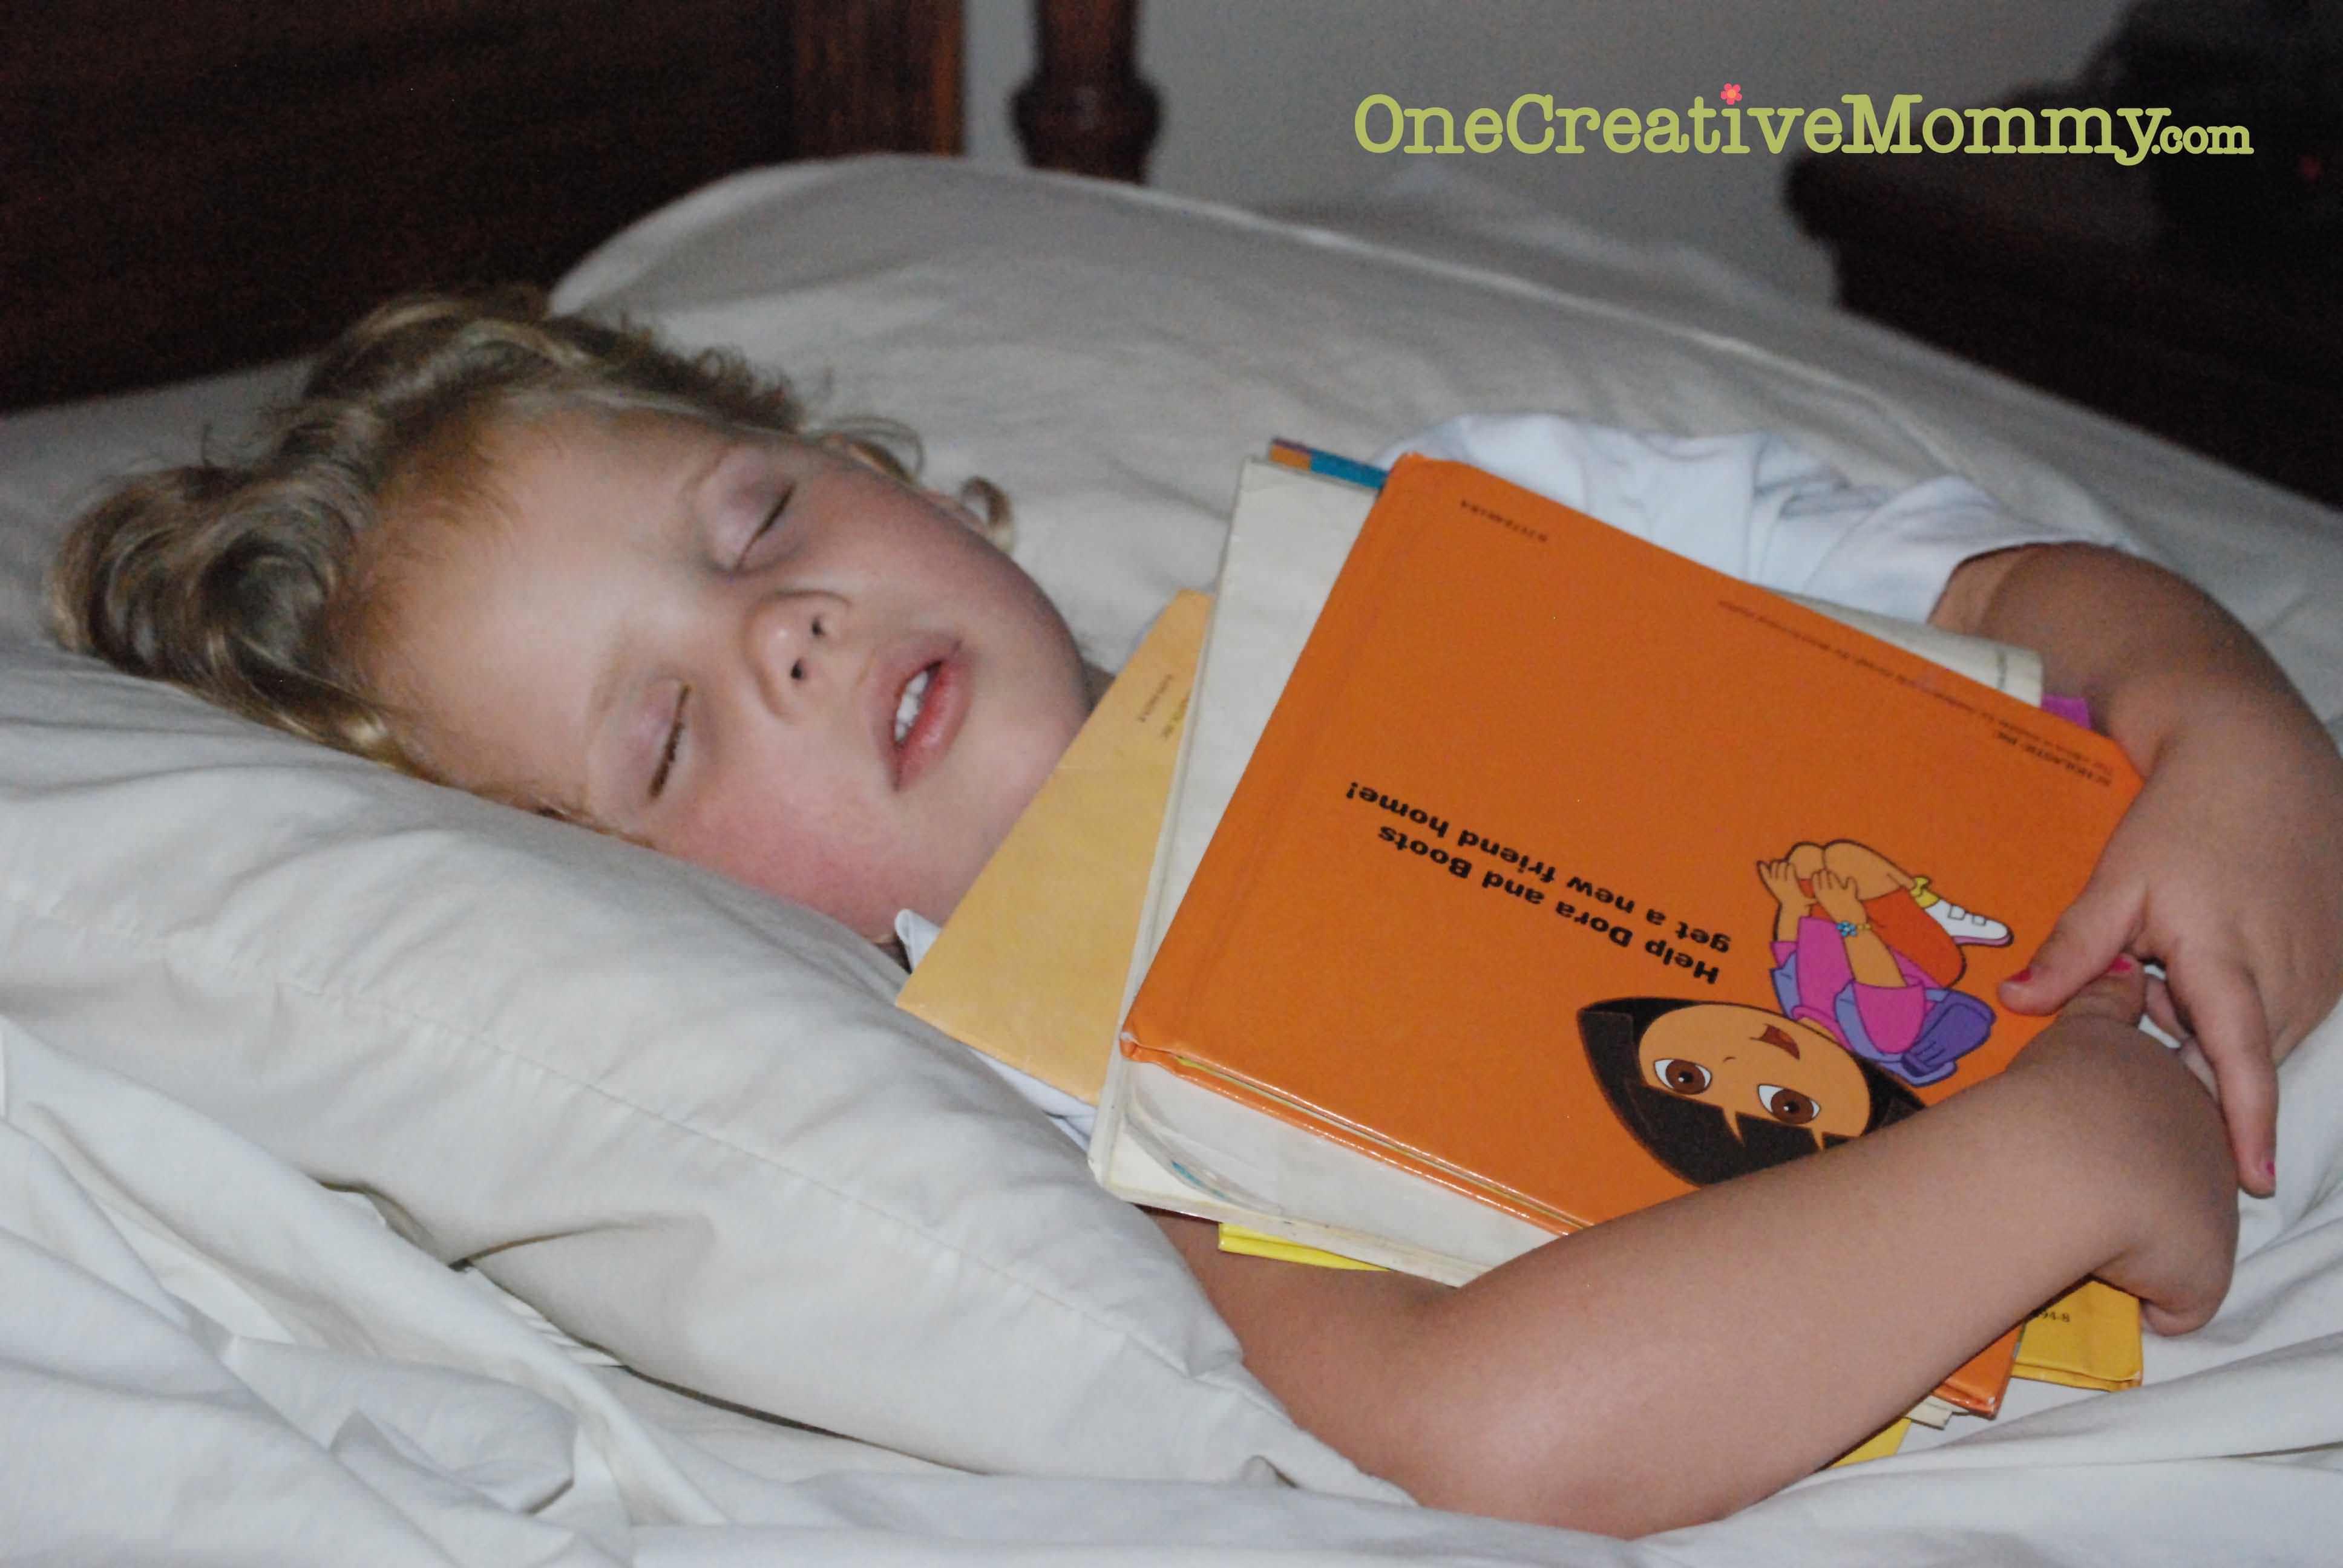 Books instead of a teddy bear!